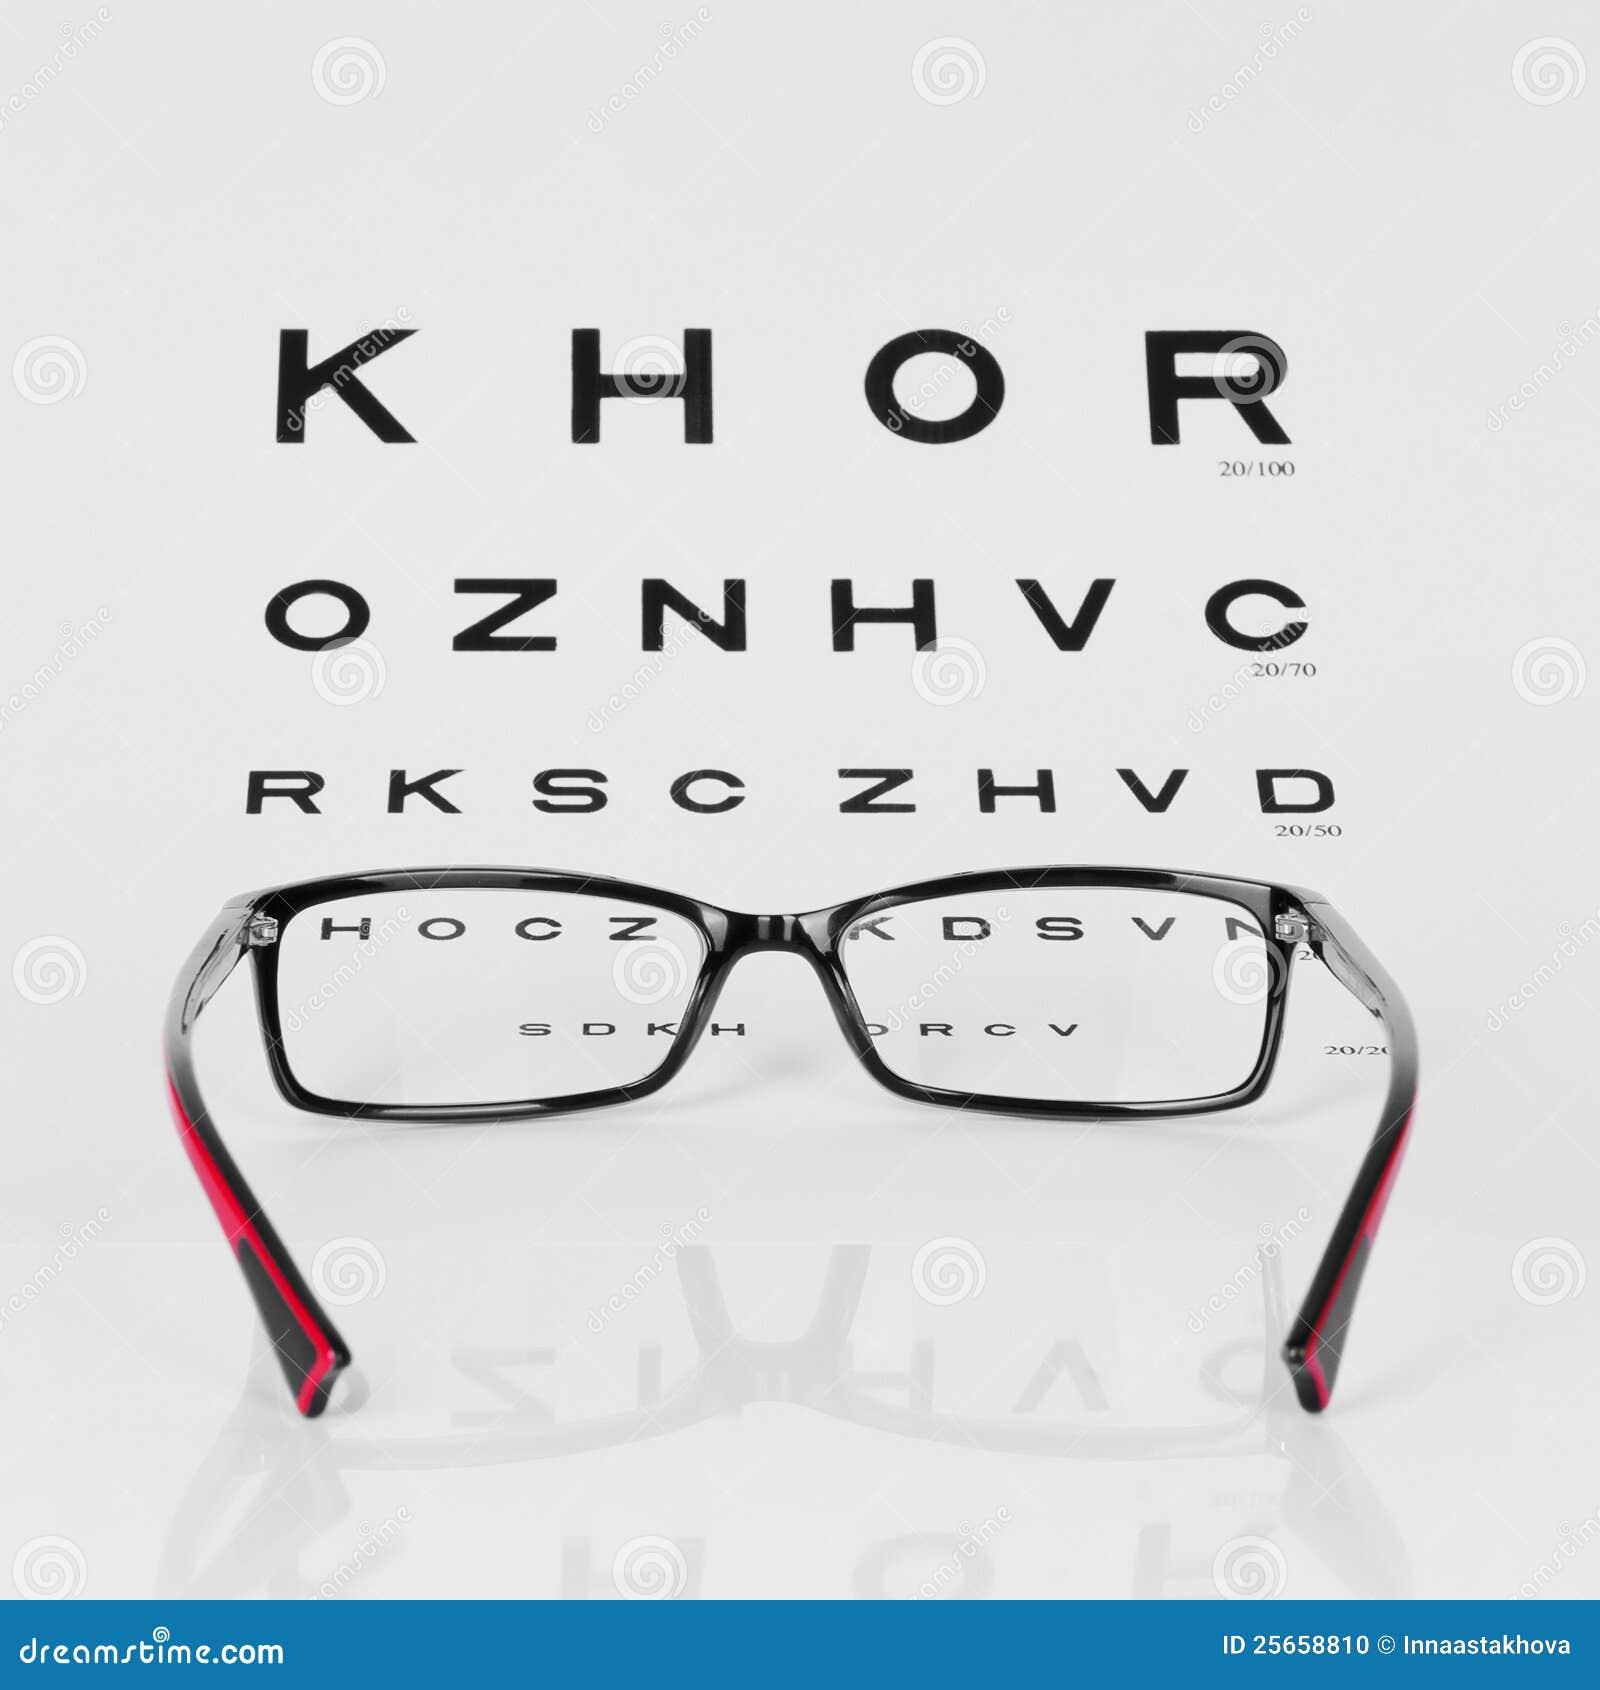 Reading Eyeglasses And Eye Chart Stock Photo Image Of Medicine